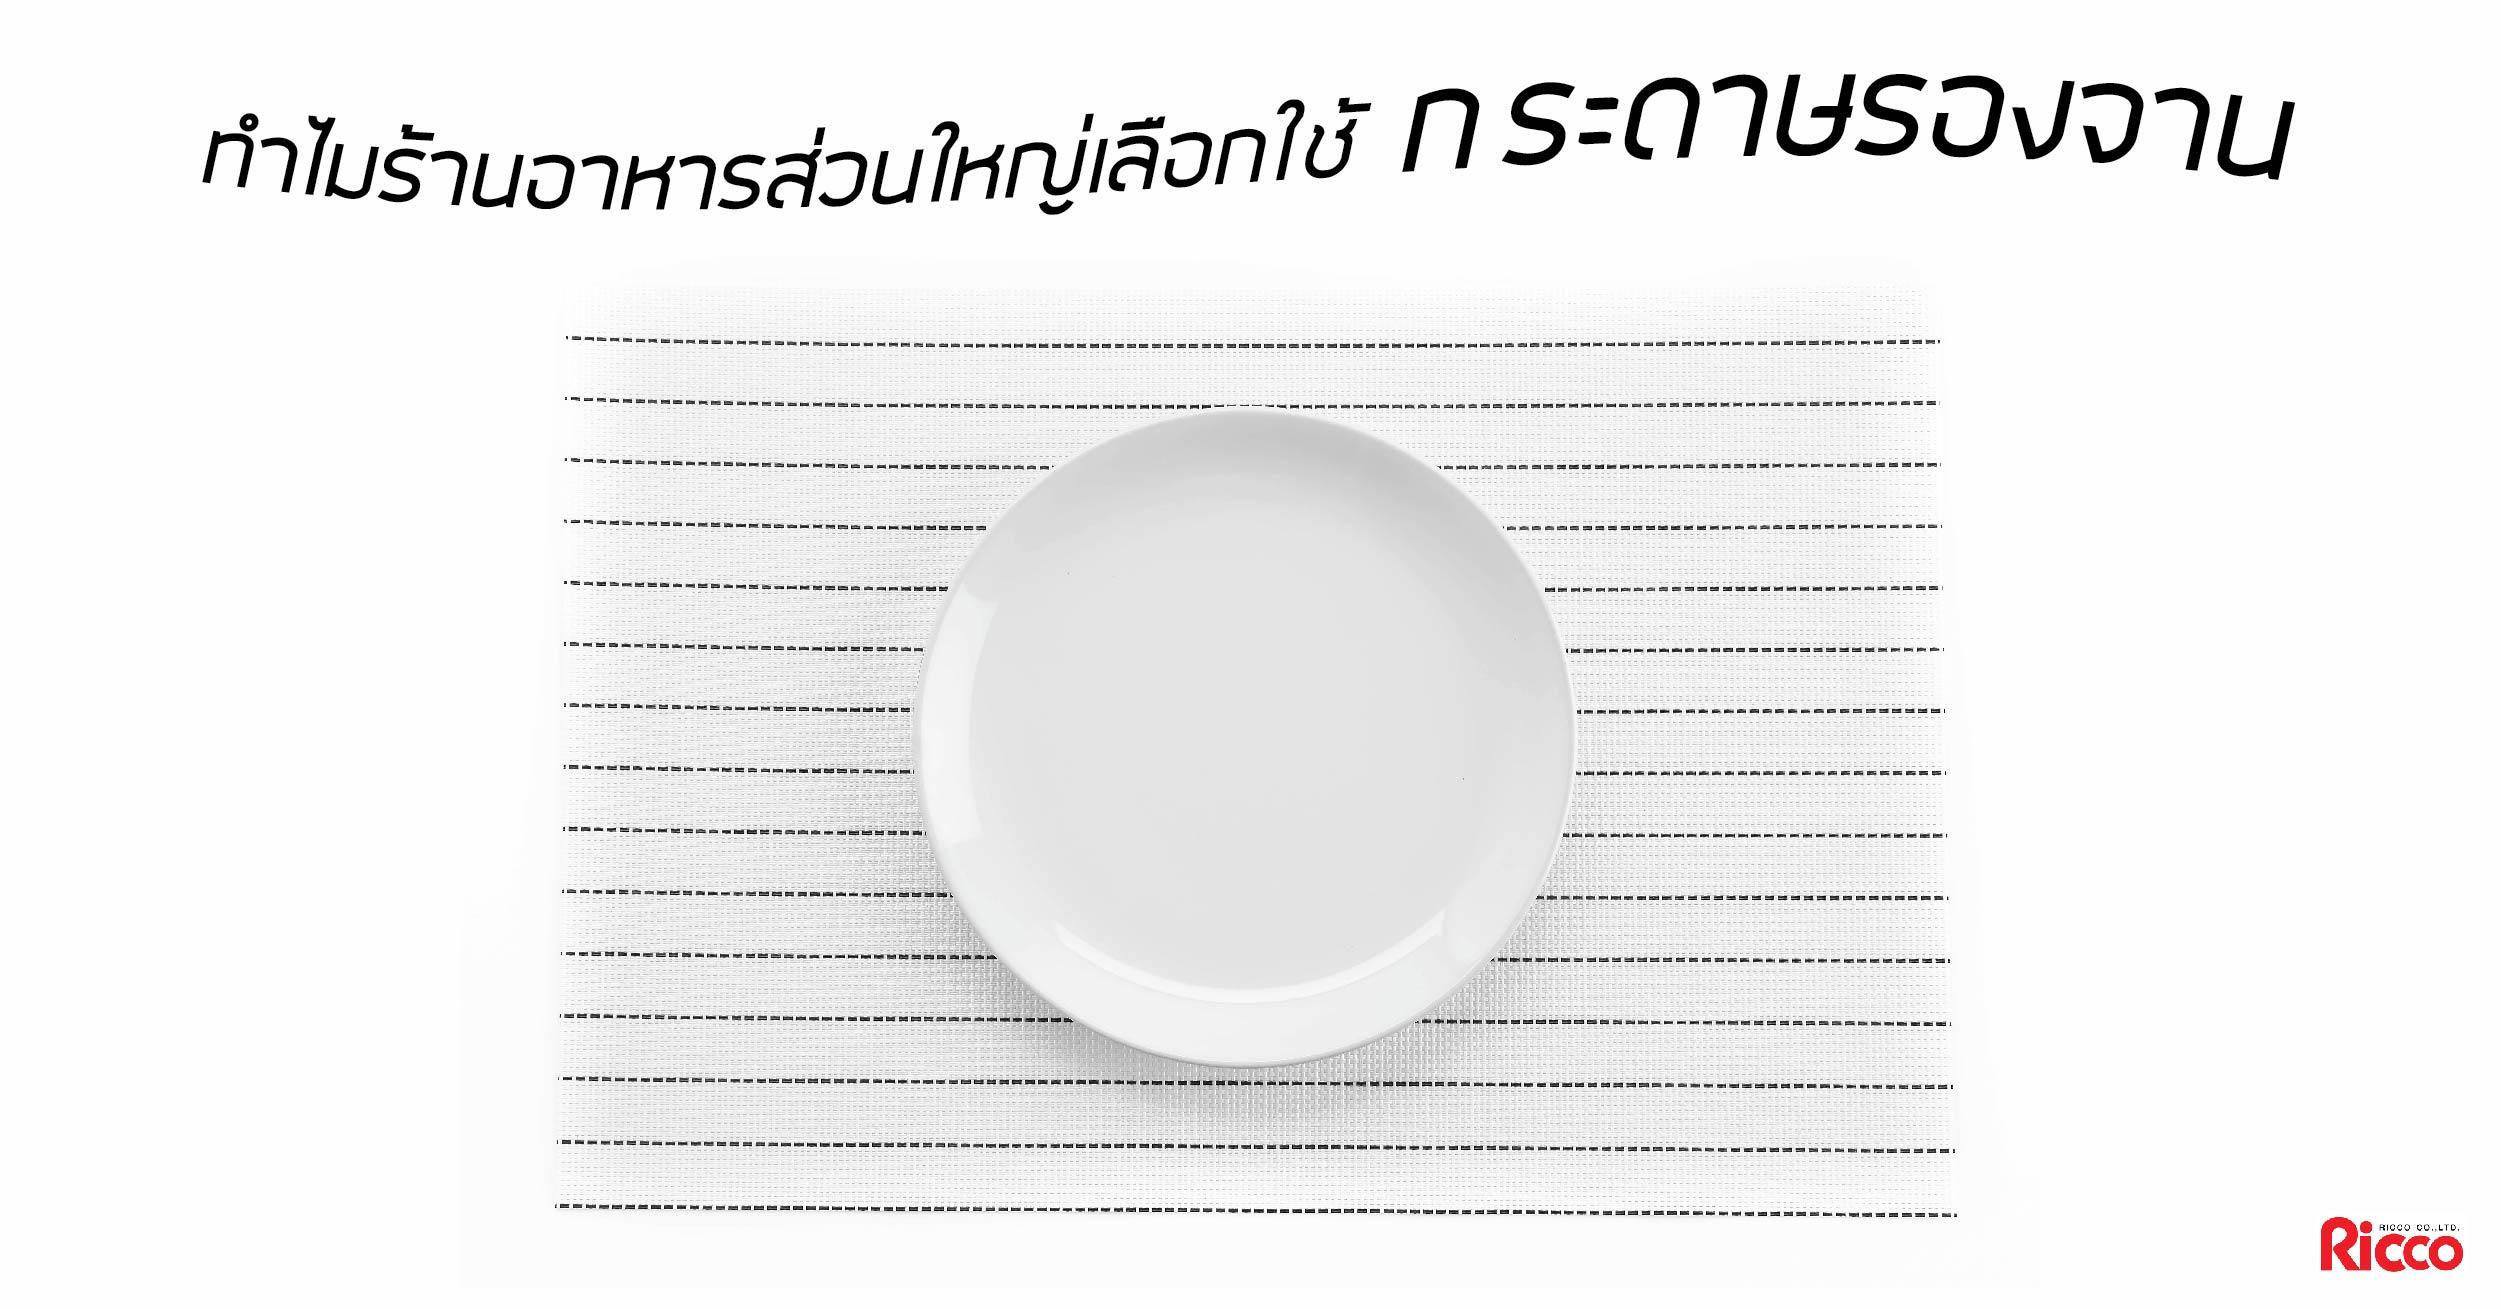 รูป  กระดาษรองจาน 01 - ประกอบเนื้อหา ทำไมร้านอาหารส่วนใหญ่ เลือกใช้กระดาษรองจานในร้านของตัวเอง